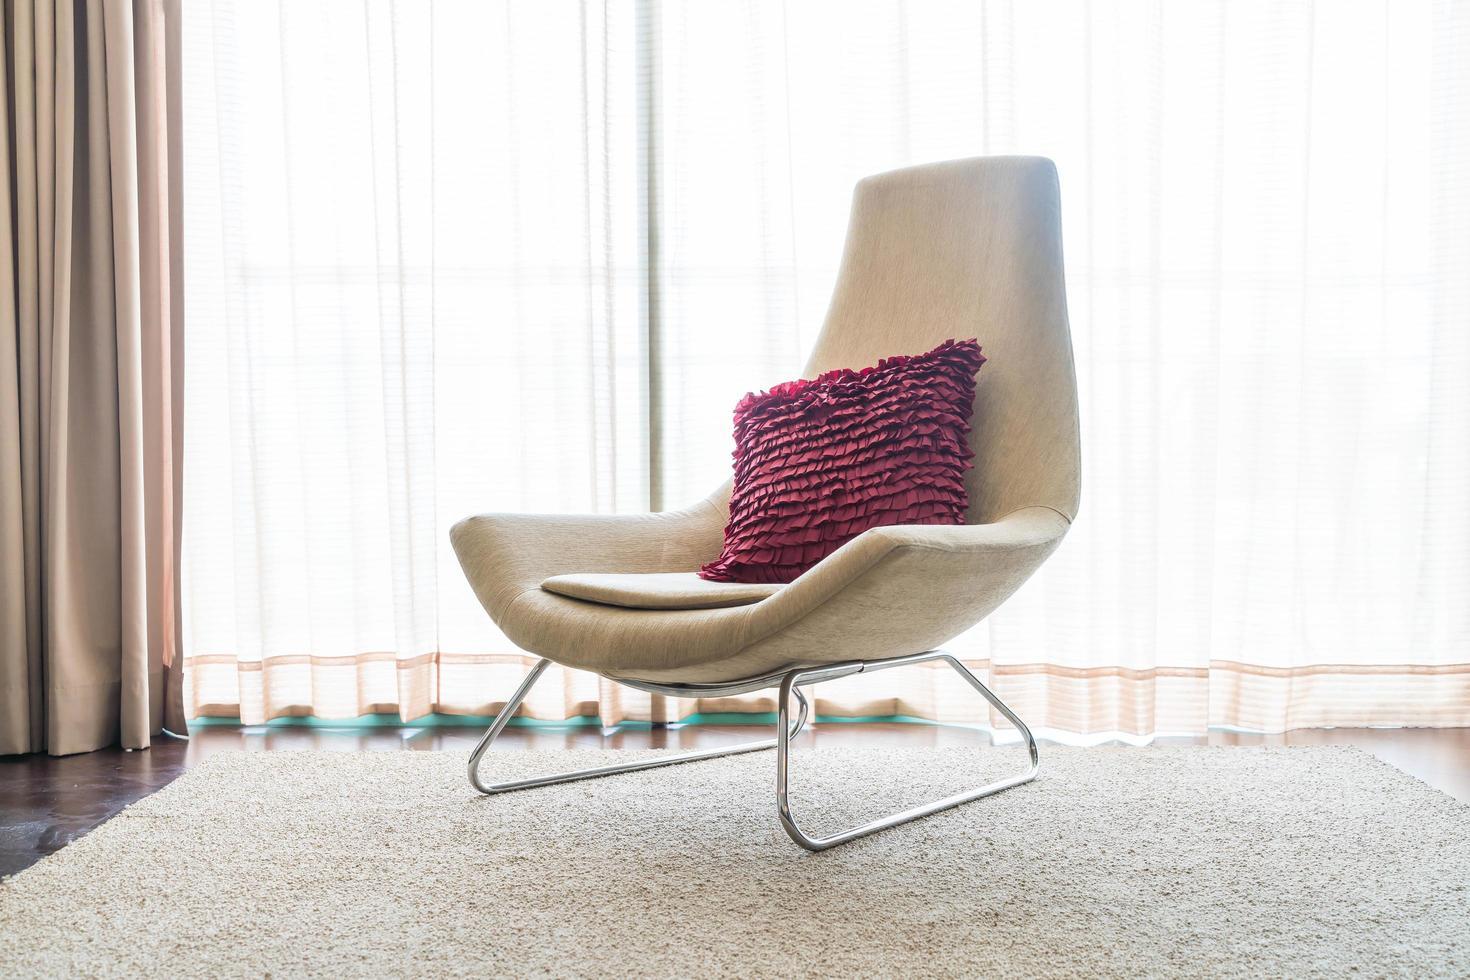 witte stoel met kussen in de woonkamer foto